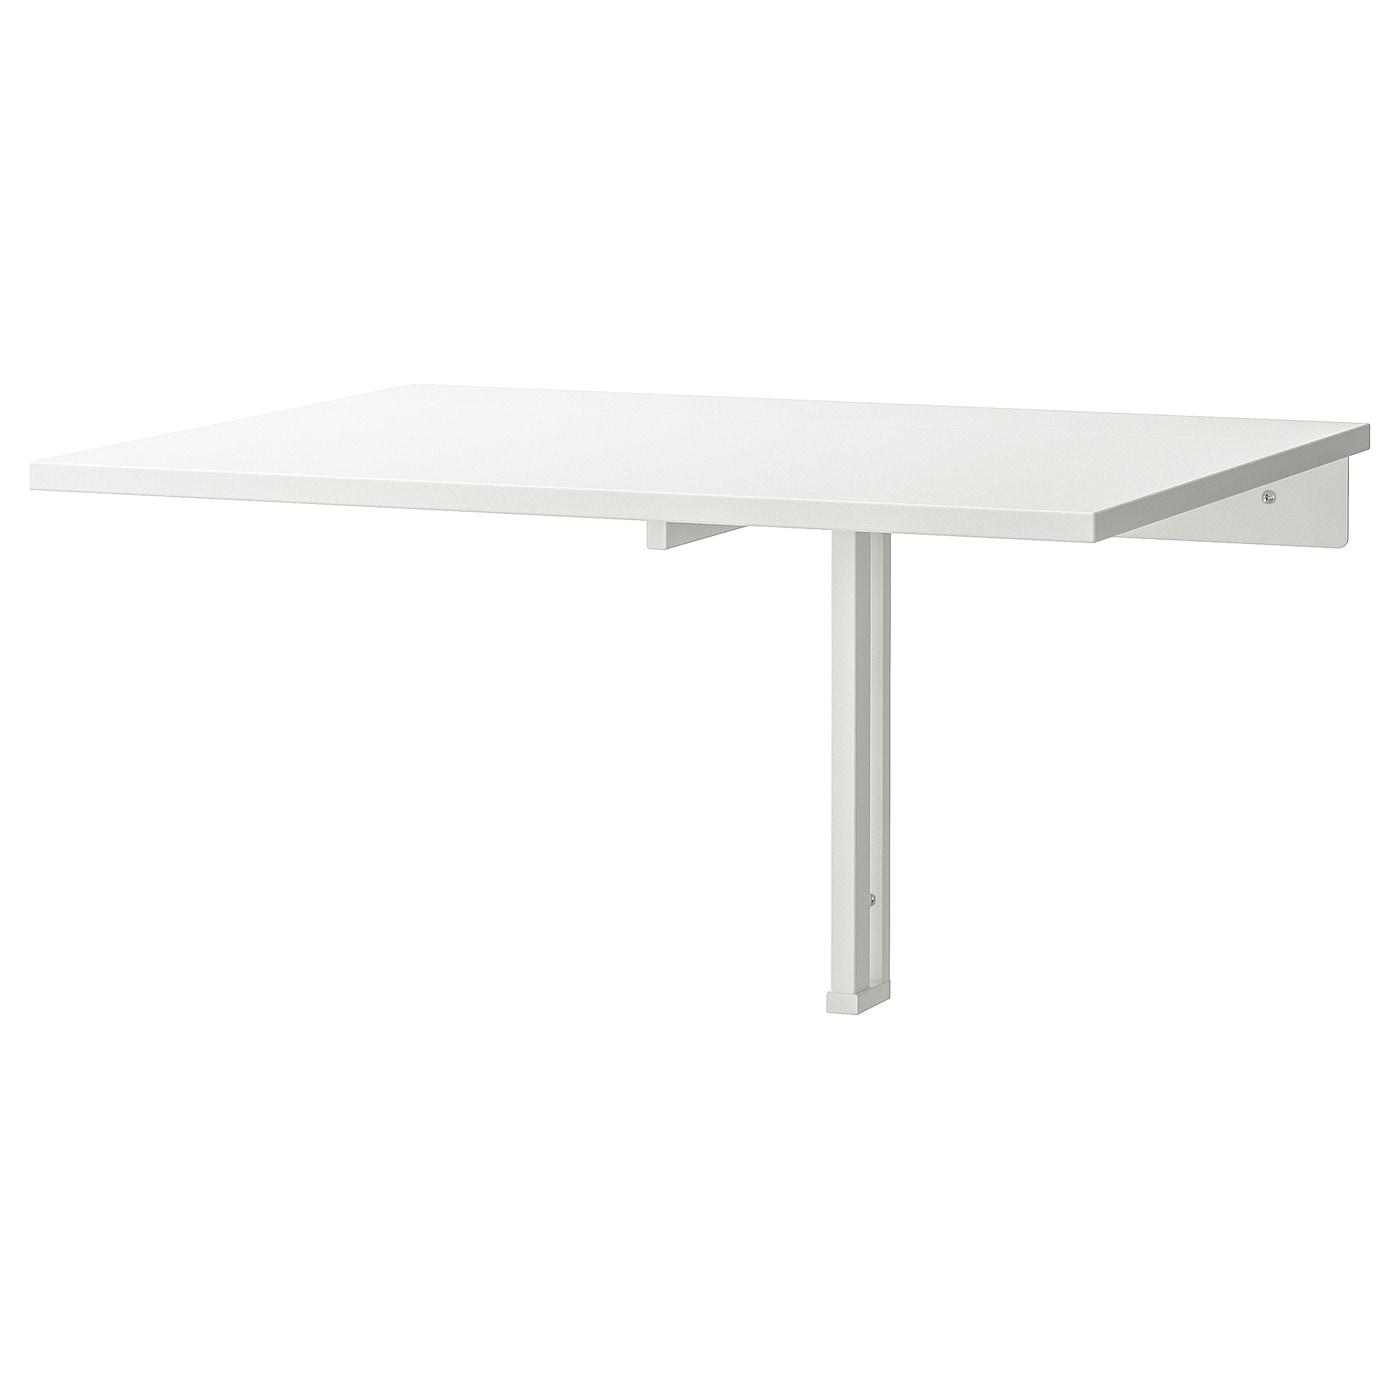 Tavolo Da Muro Pieghevole Ikea.Norberg Tavolo Ribaltabile Da Parete Bianco Ikea Svizzera